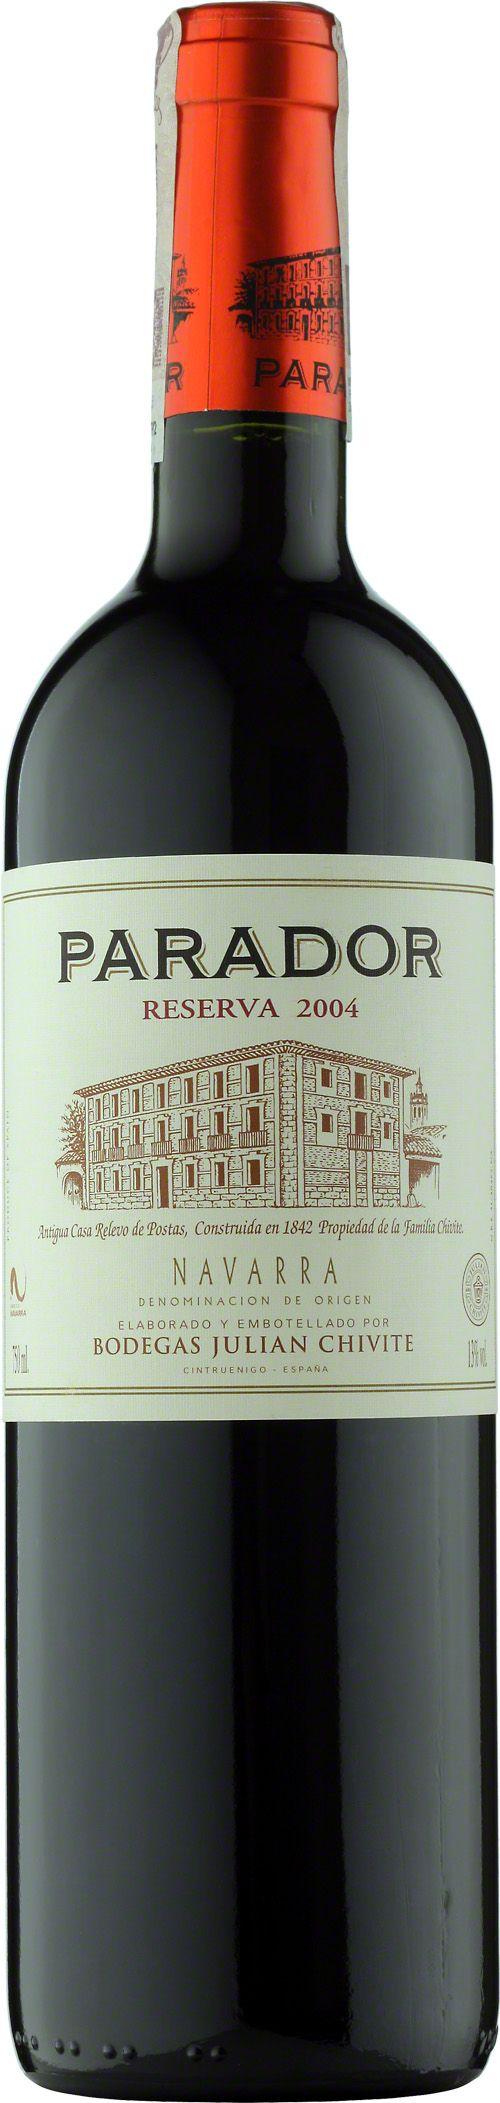 Chivite Parador Reserva Navarra D.O.  Wyprodukowane z odminay tempranillo uzupełnionej o cabernet. Dojrzewało w beczkach z francuskiego i amerykańskiego dębu. Wino o głębokiej czerwonej barwie, w nosie dominują owocowe aromaty dopełnione nutami korzeni i beczki. Okrągłe i doskonale zrównoważone taniny. Przyjemny finisz. #Chivite #Parador #Reserva #Navarra #Hiszpania #Wino #Winezja #Tempranillo